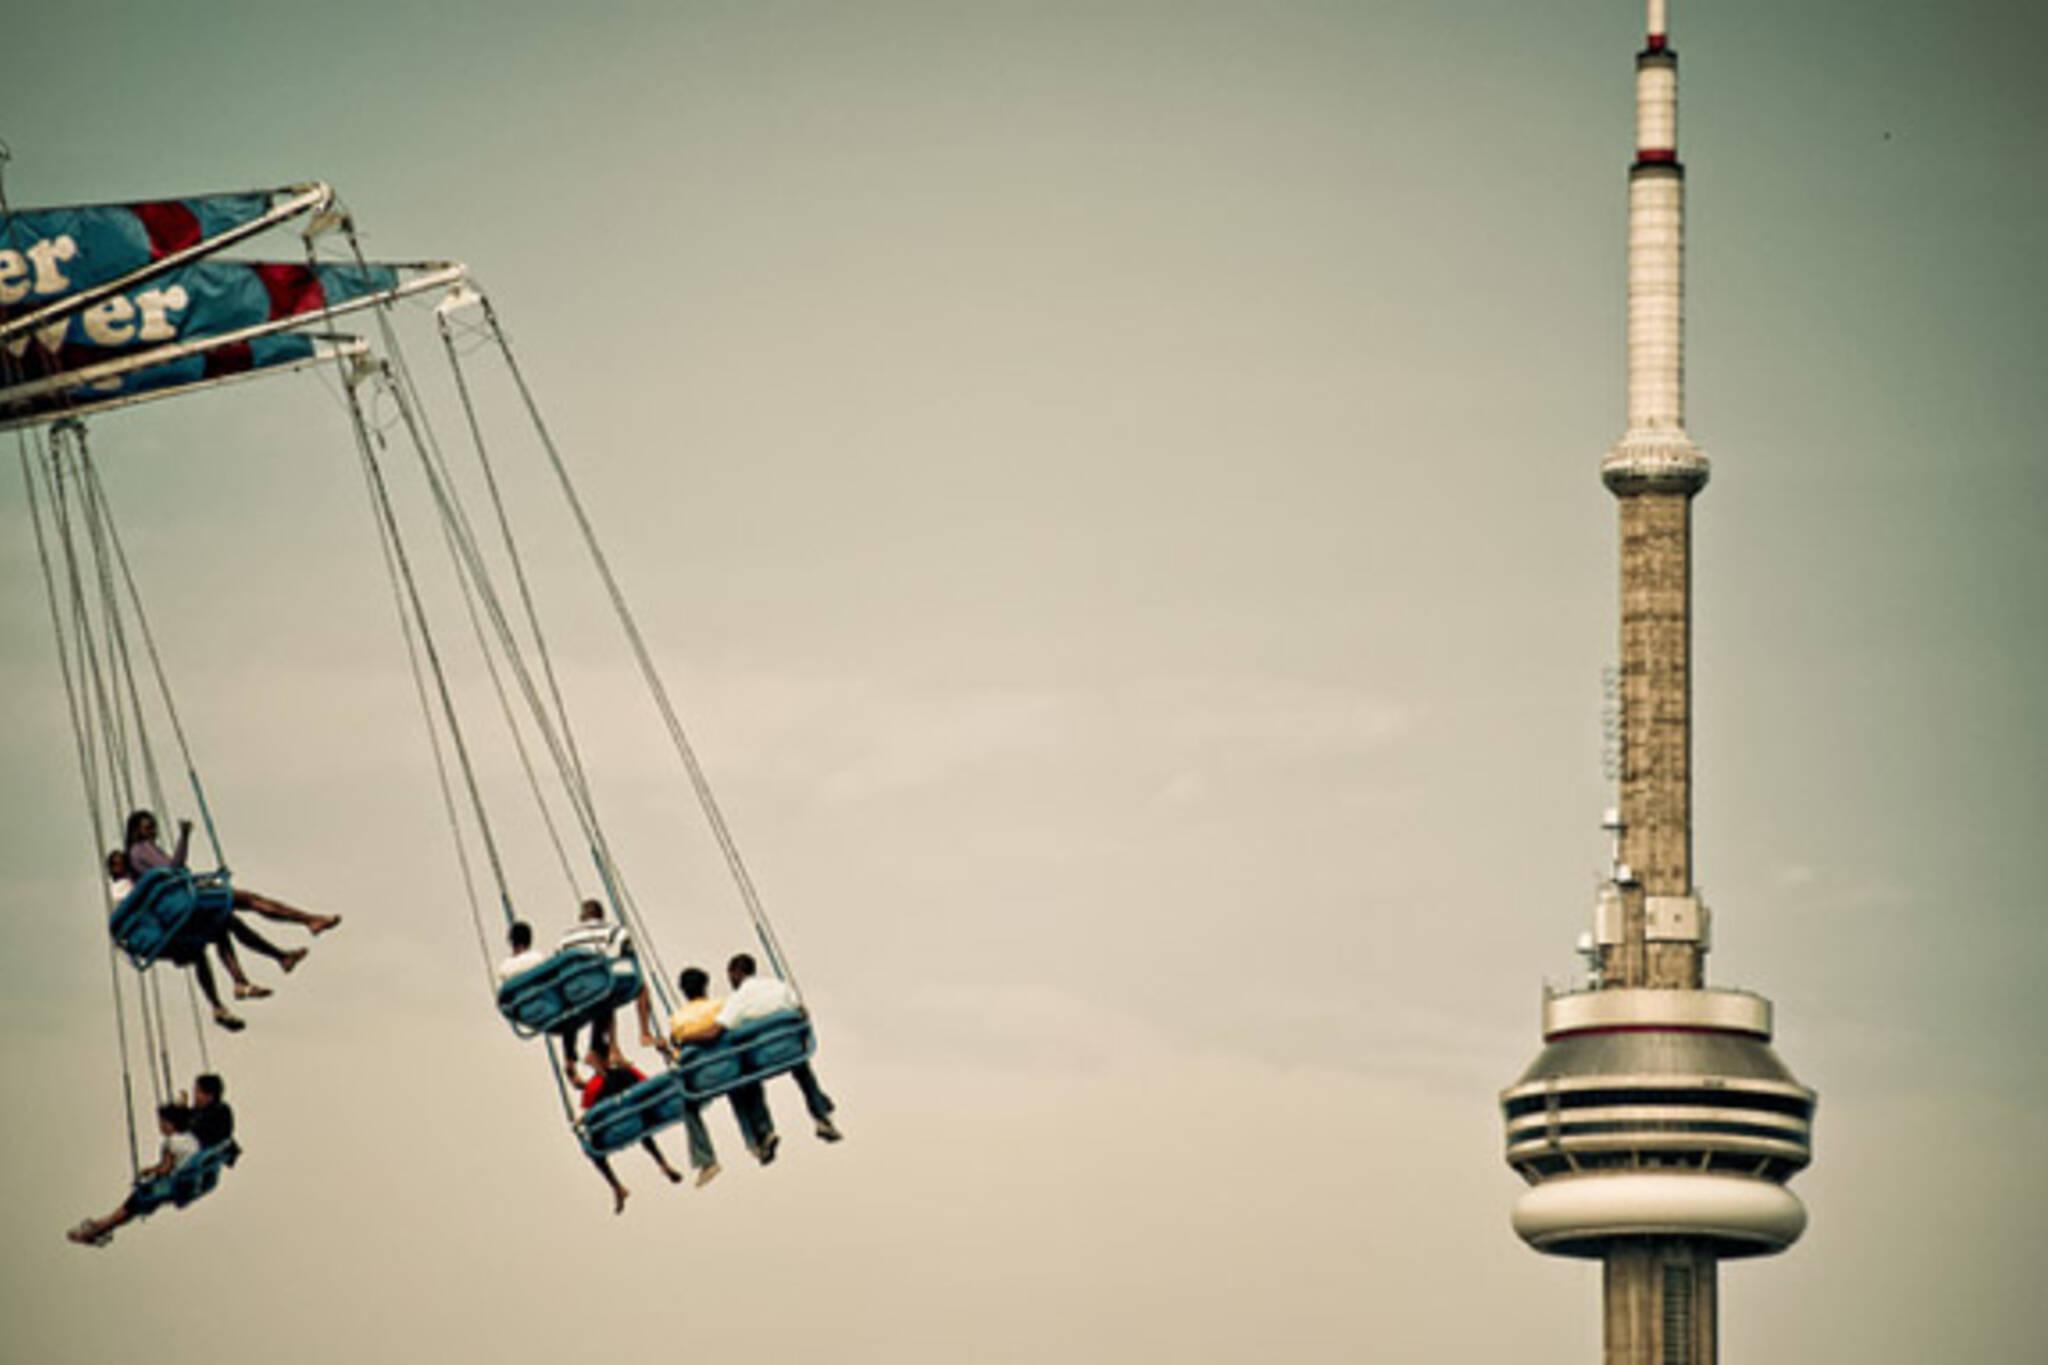 CNE Toronto 2011 Ex